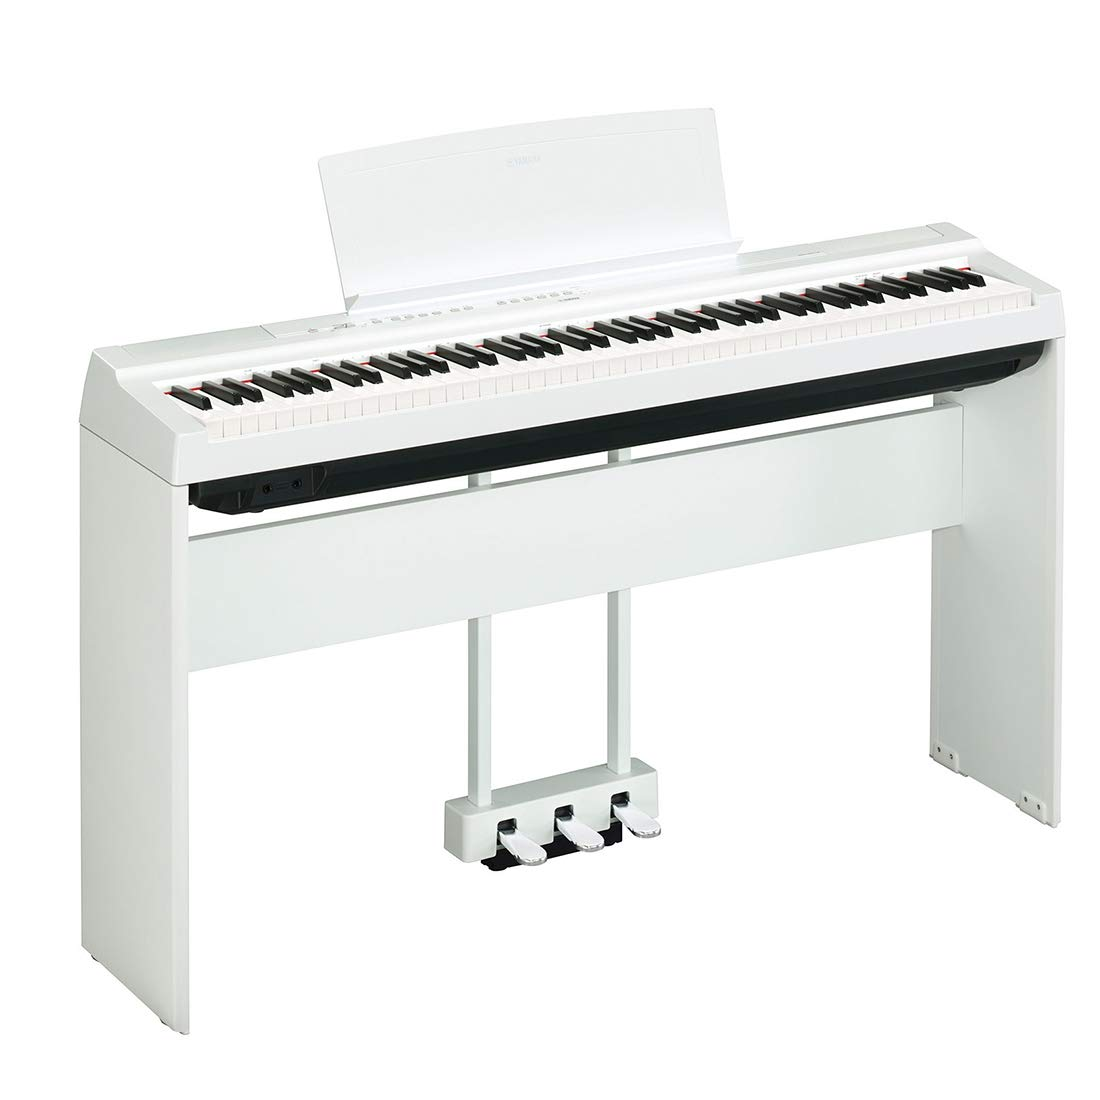 ヤマハヤマハエレクトリックピアノニューP125アダルト88キーハンマーデジタル電子ピアノP115アップグレードスマートエレクトリックピアノニューP-125ホワイトホスト+木製スタンド+スリーペダル(Amazon自作商品、サプライヤーによって配布されています)